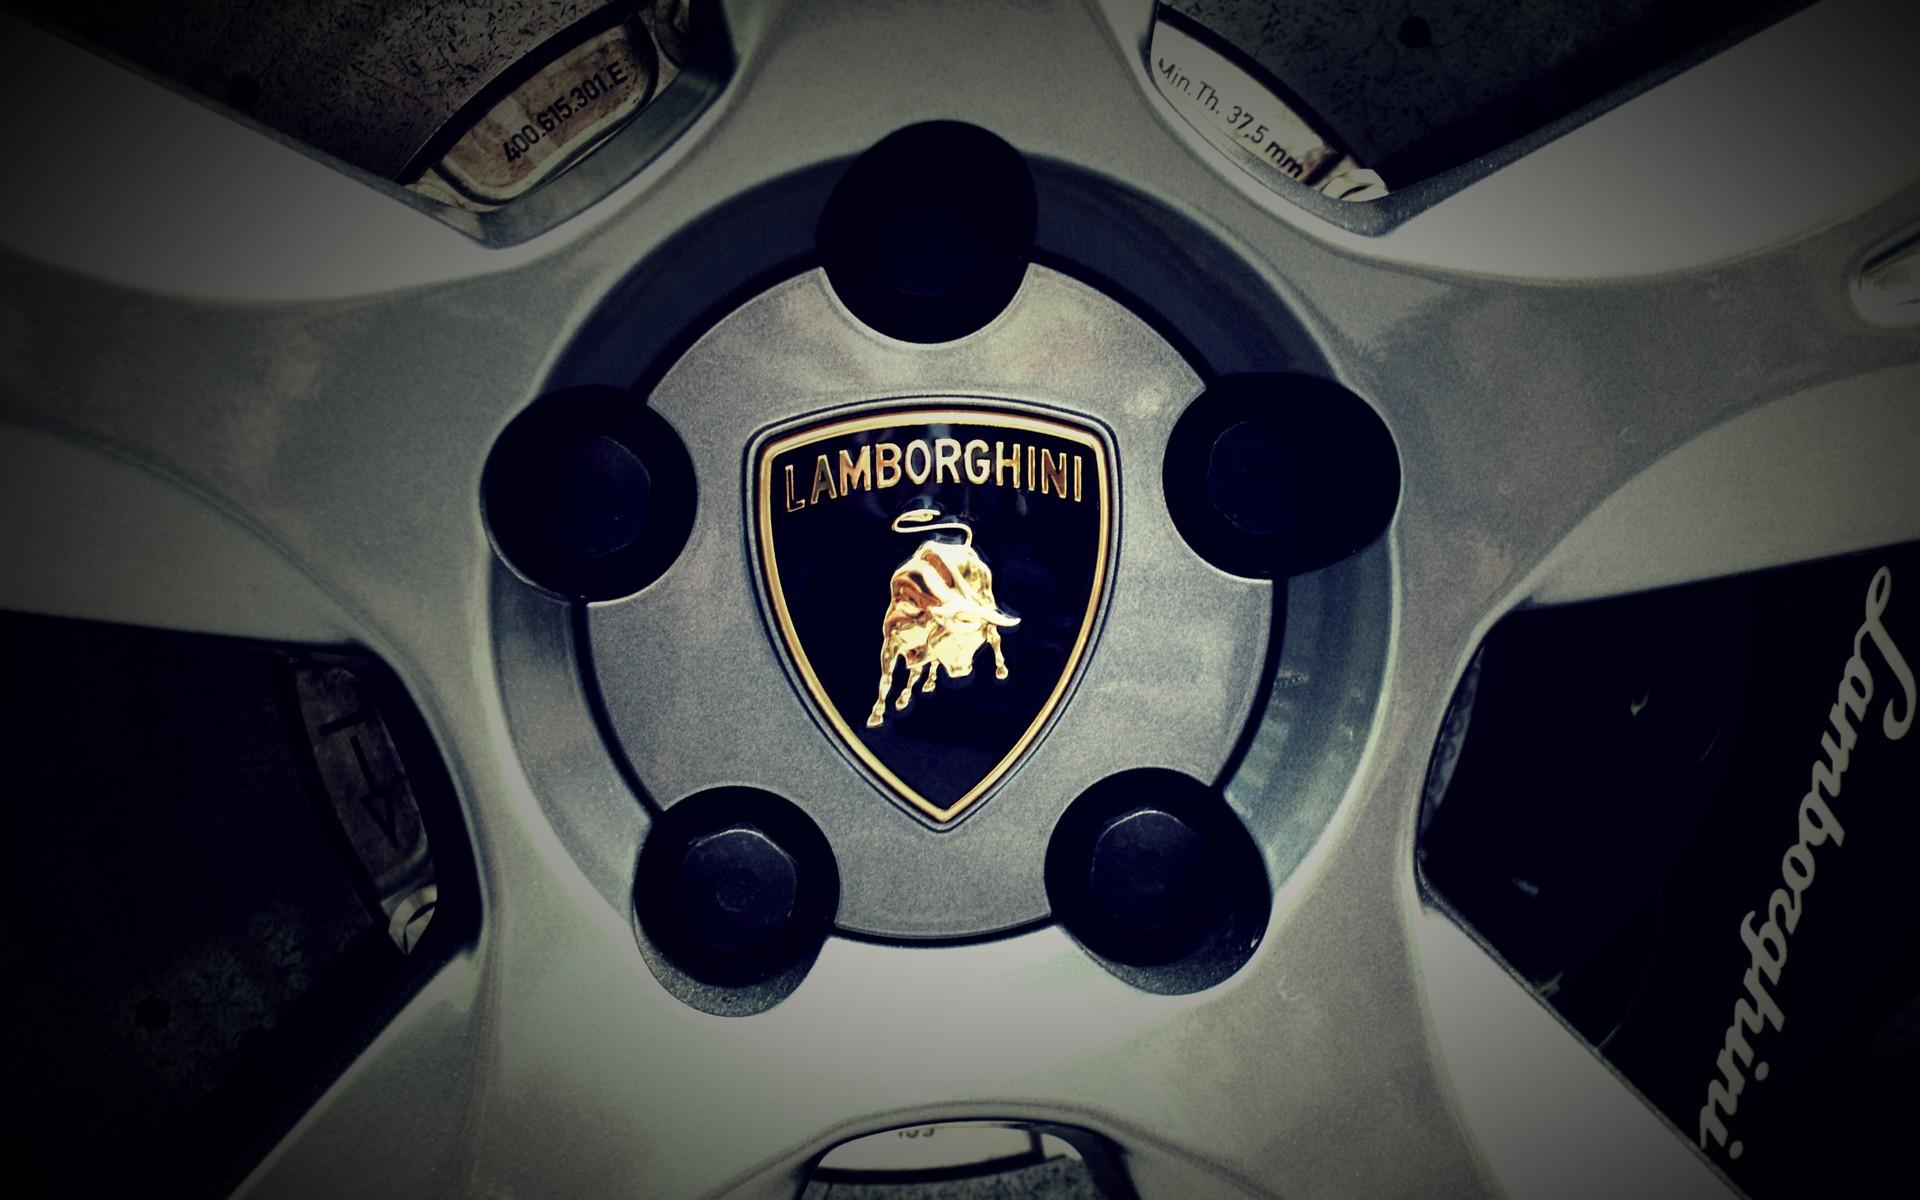 lamborghini logo wallpapers hd lamborghini logo hd wallpaper 5 - Lamborghini Logo Wallpaper Iphone